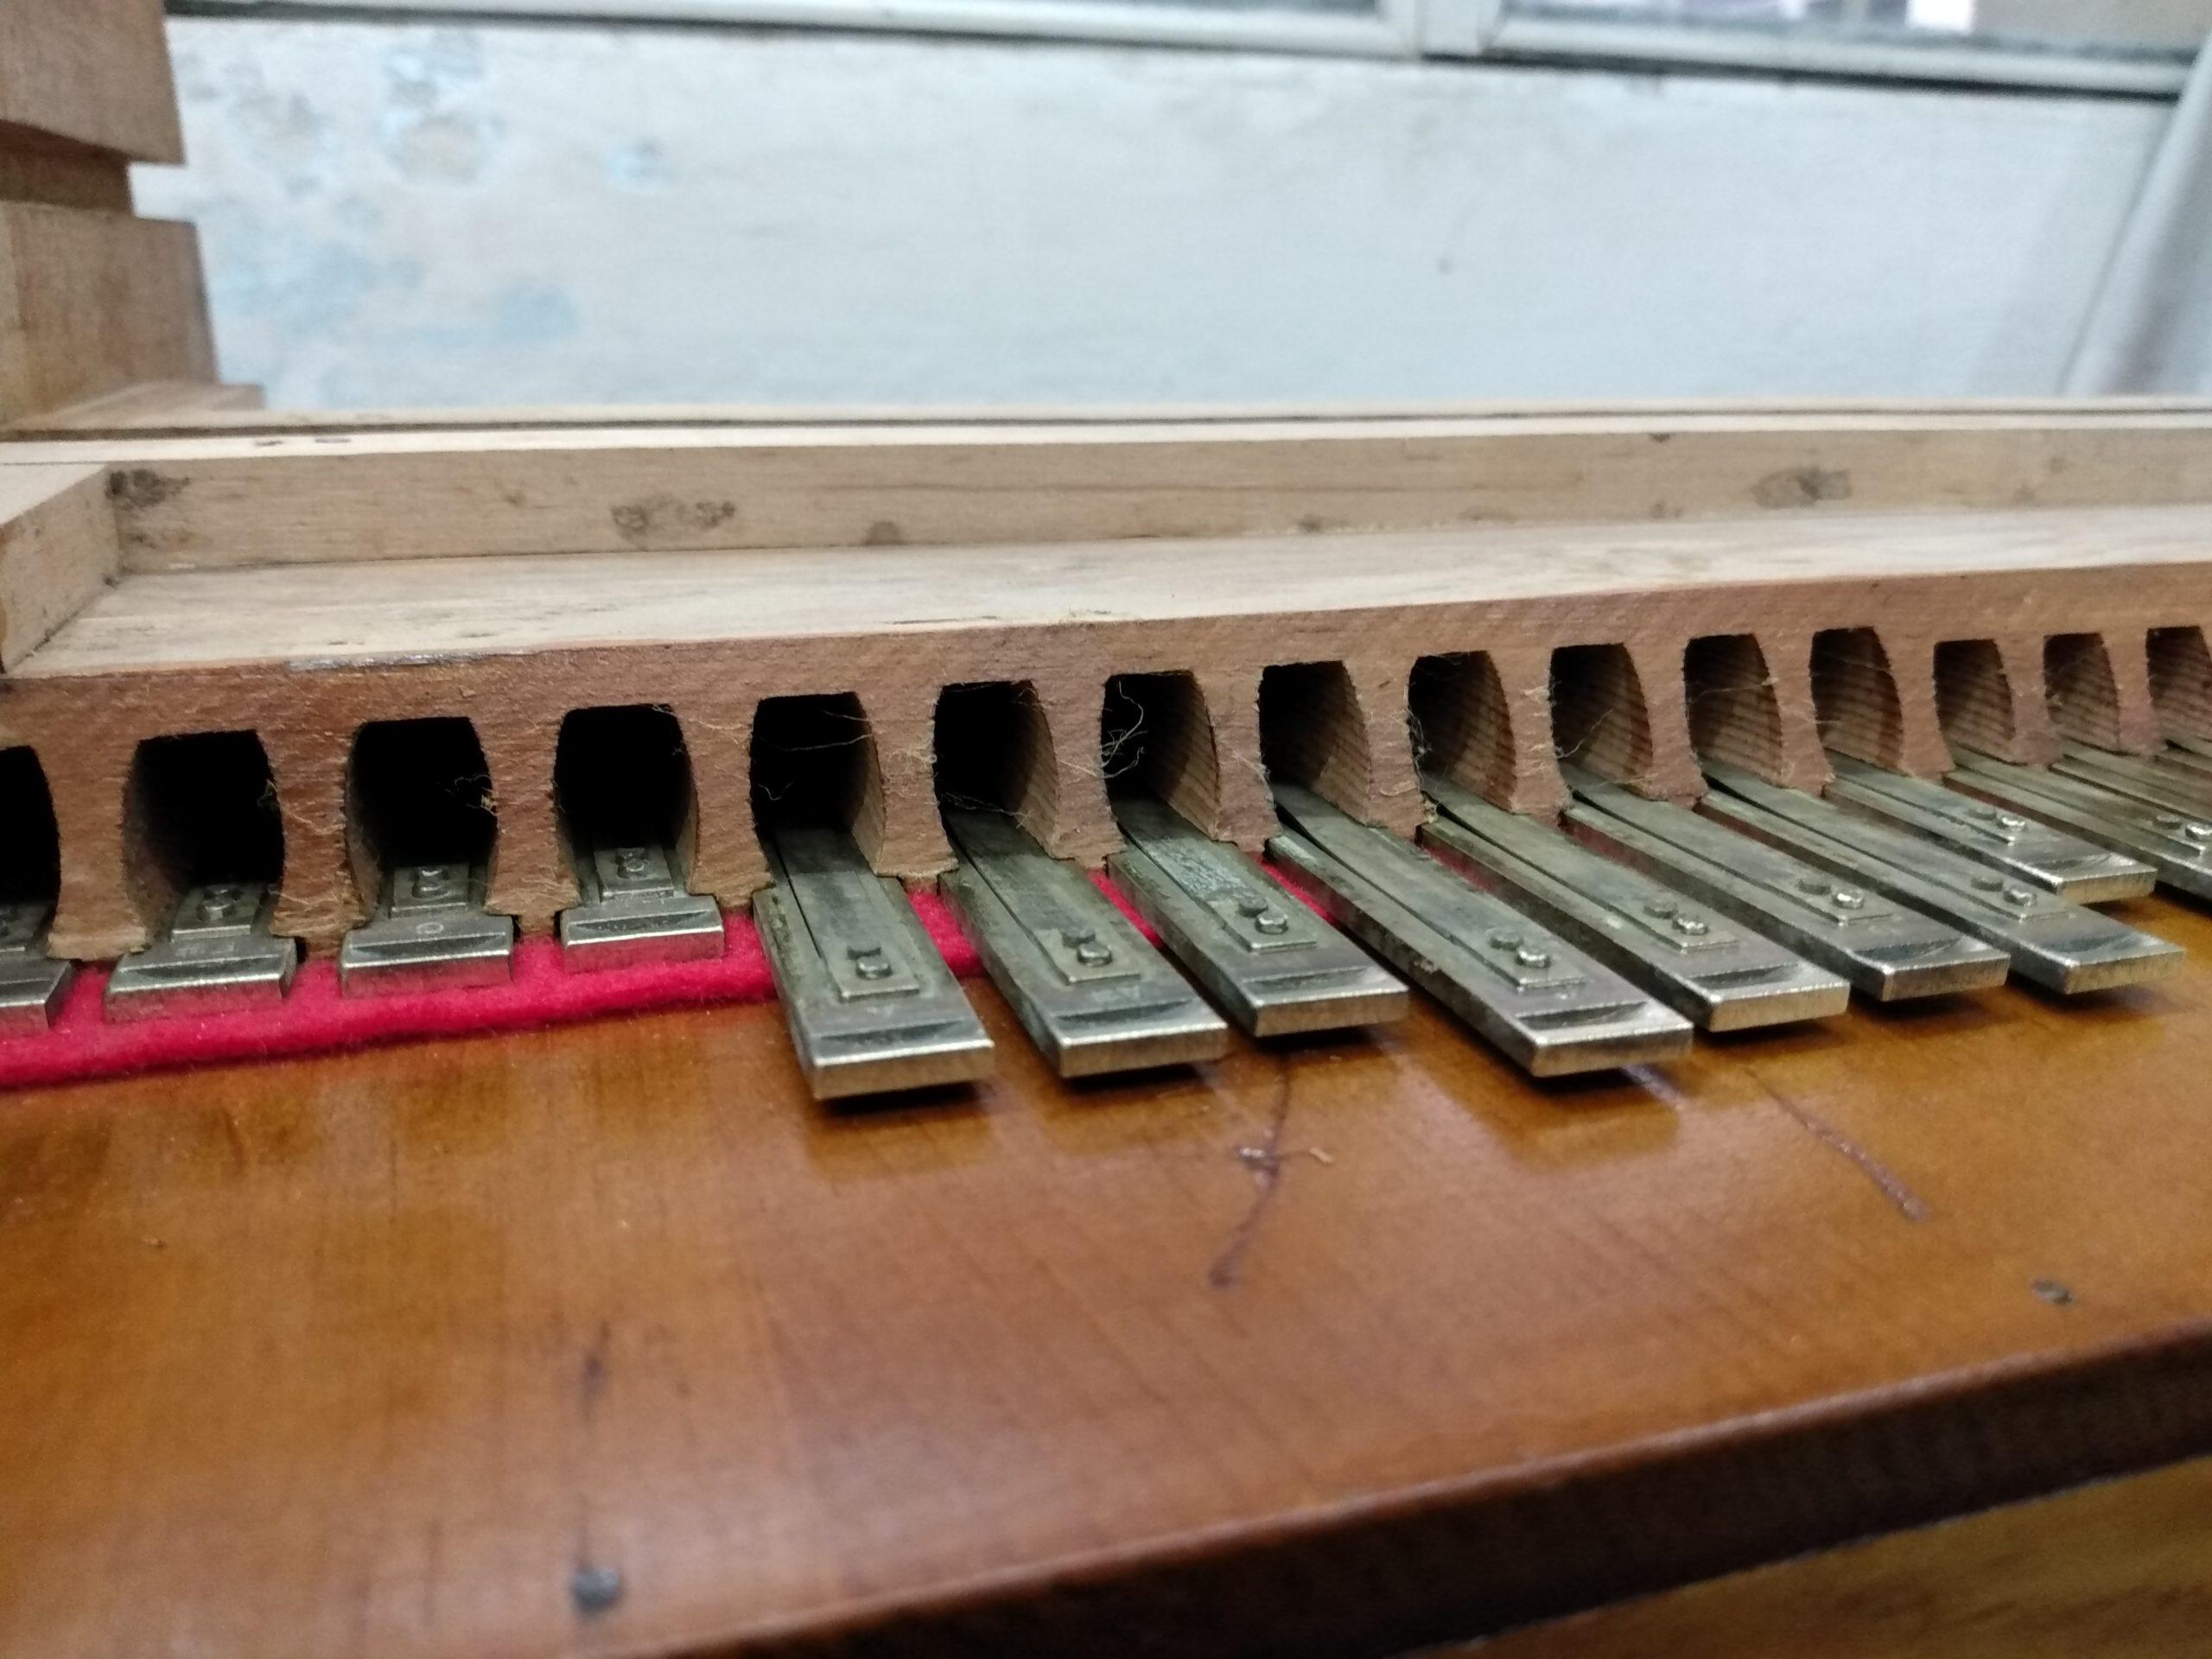 Ubicación de lengüetas en casillero de secreta de armonio